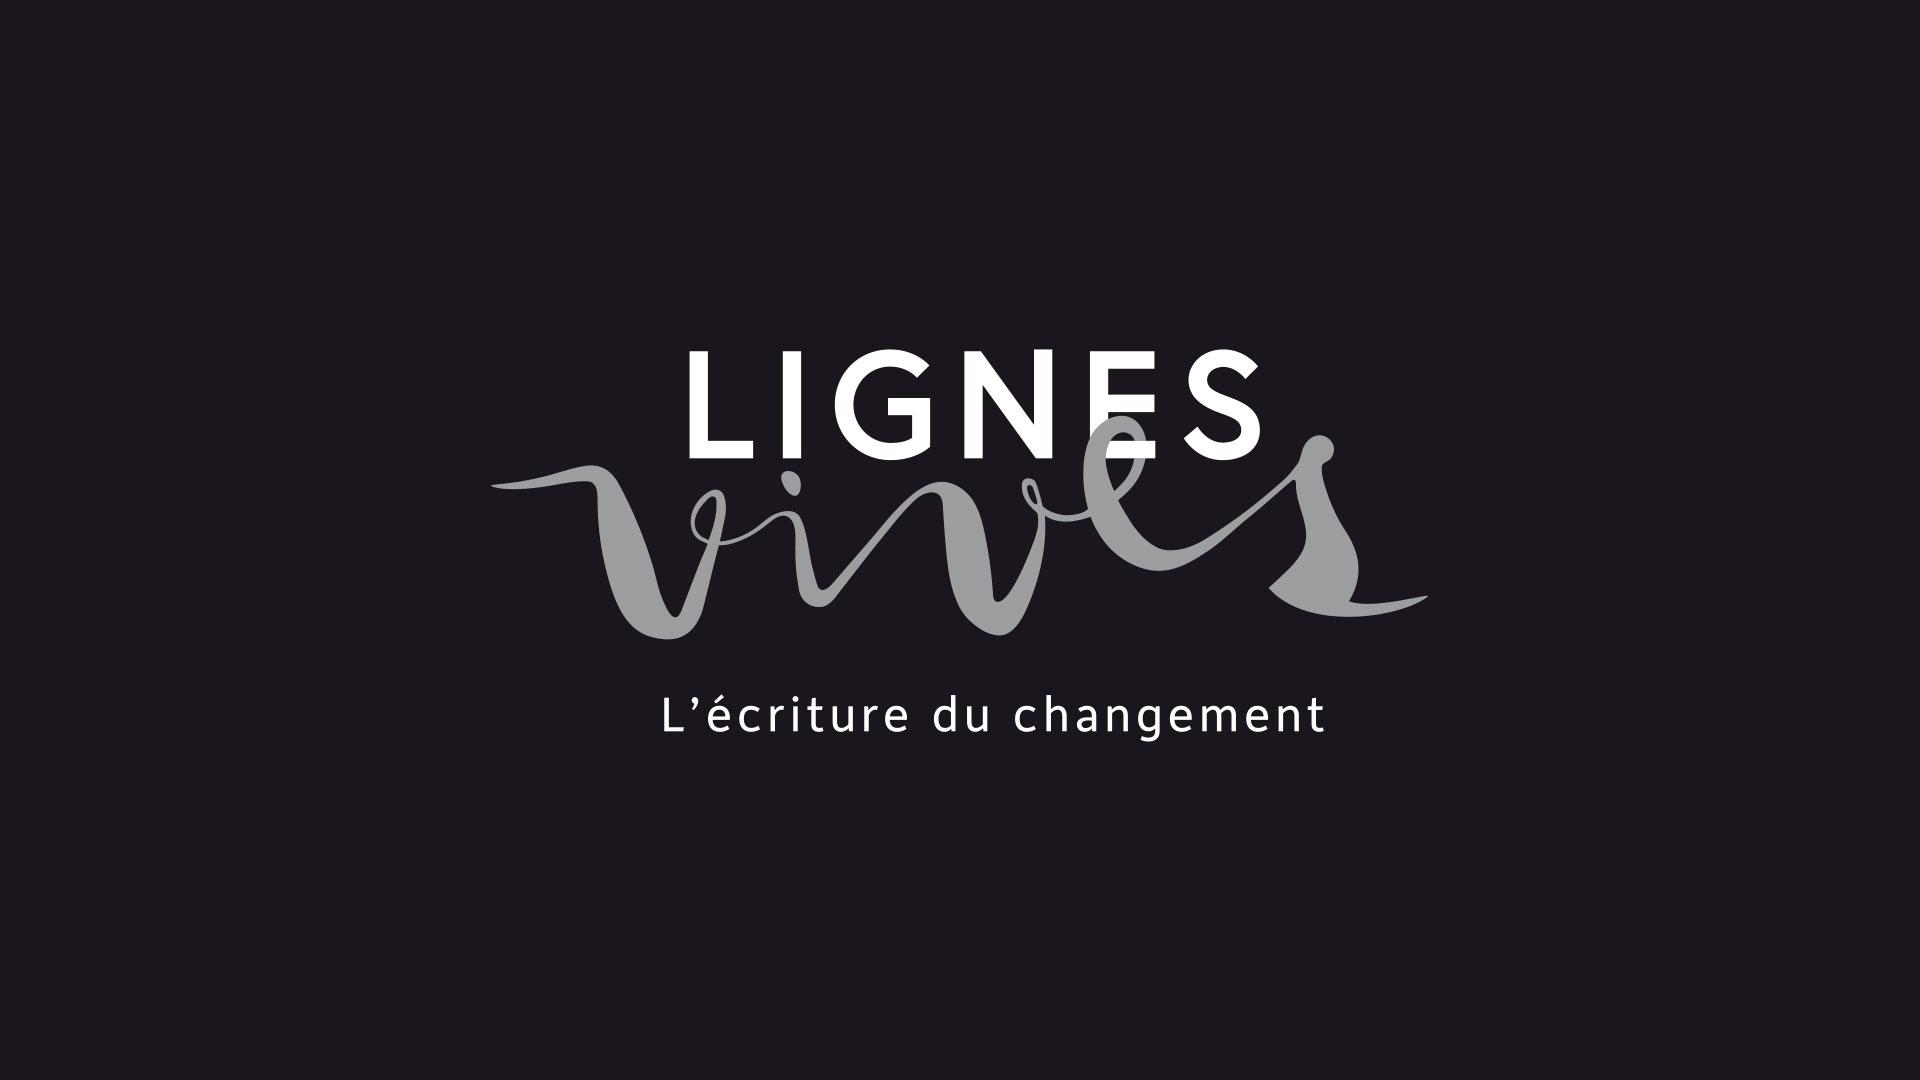 Lignes Vives Identite Visuelle Logo